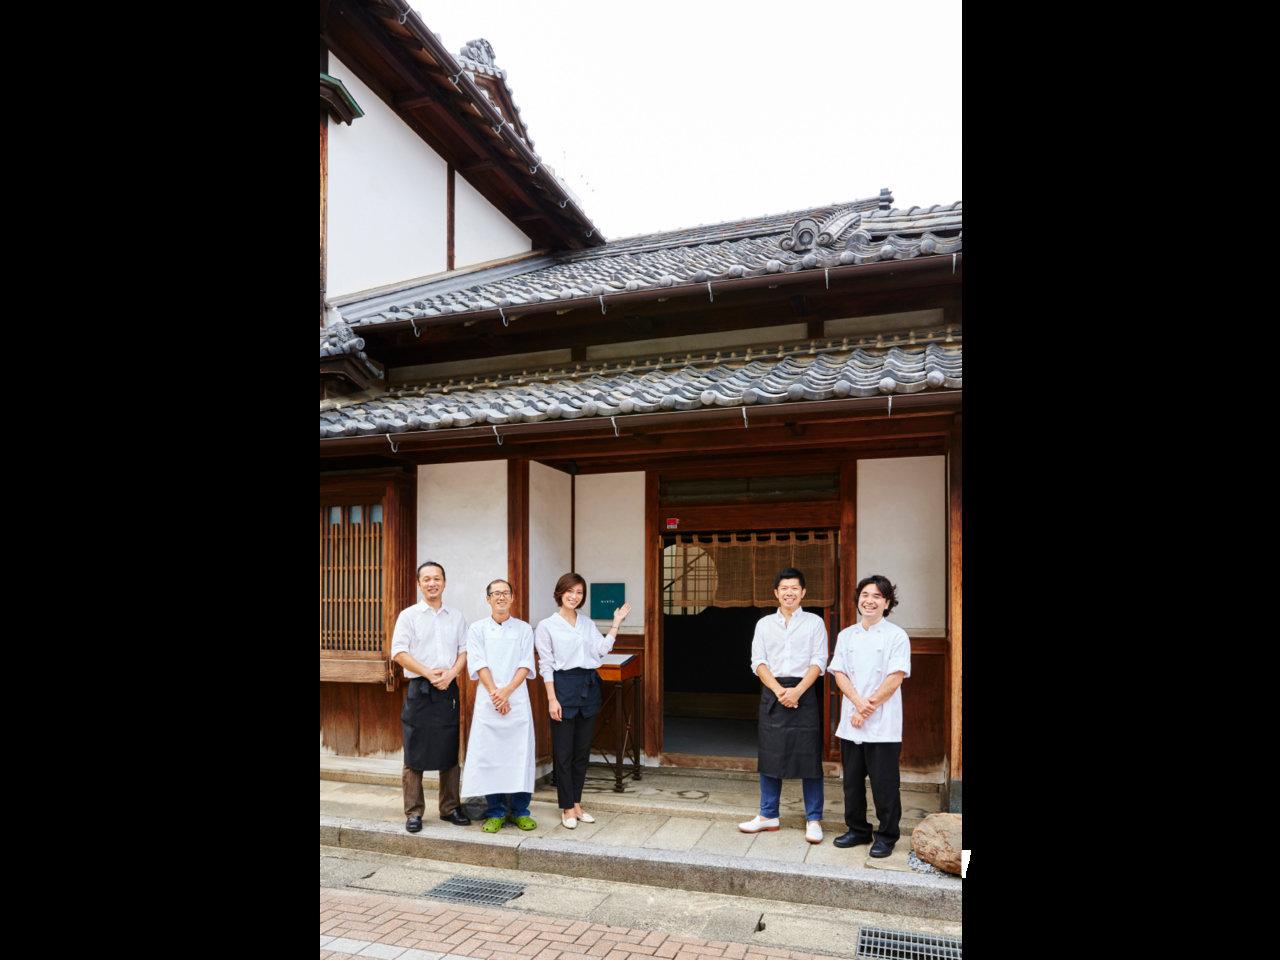 地元のお酢蔵が、イタリア料理店『aceto』をOPEN。京都・丹後で動き出した、食の街化構想。